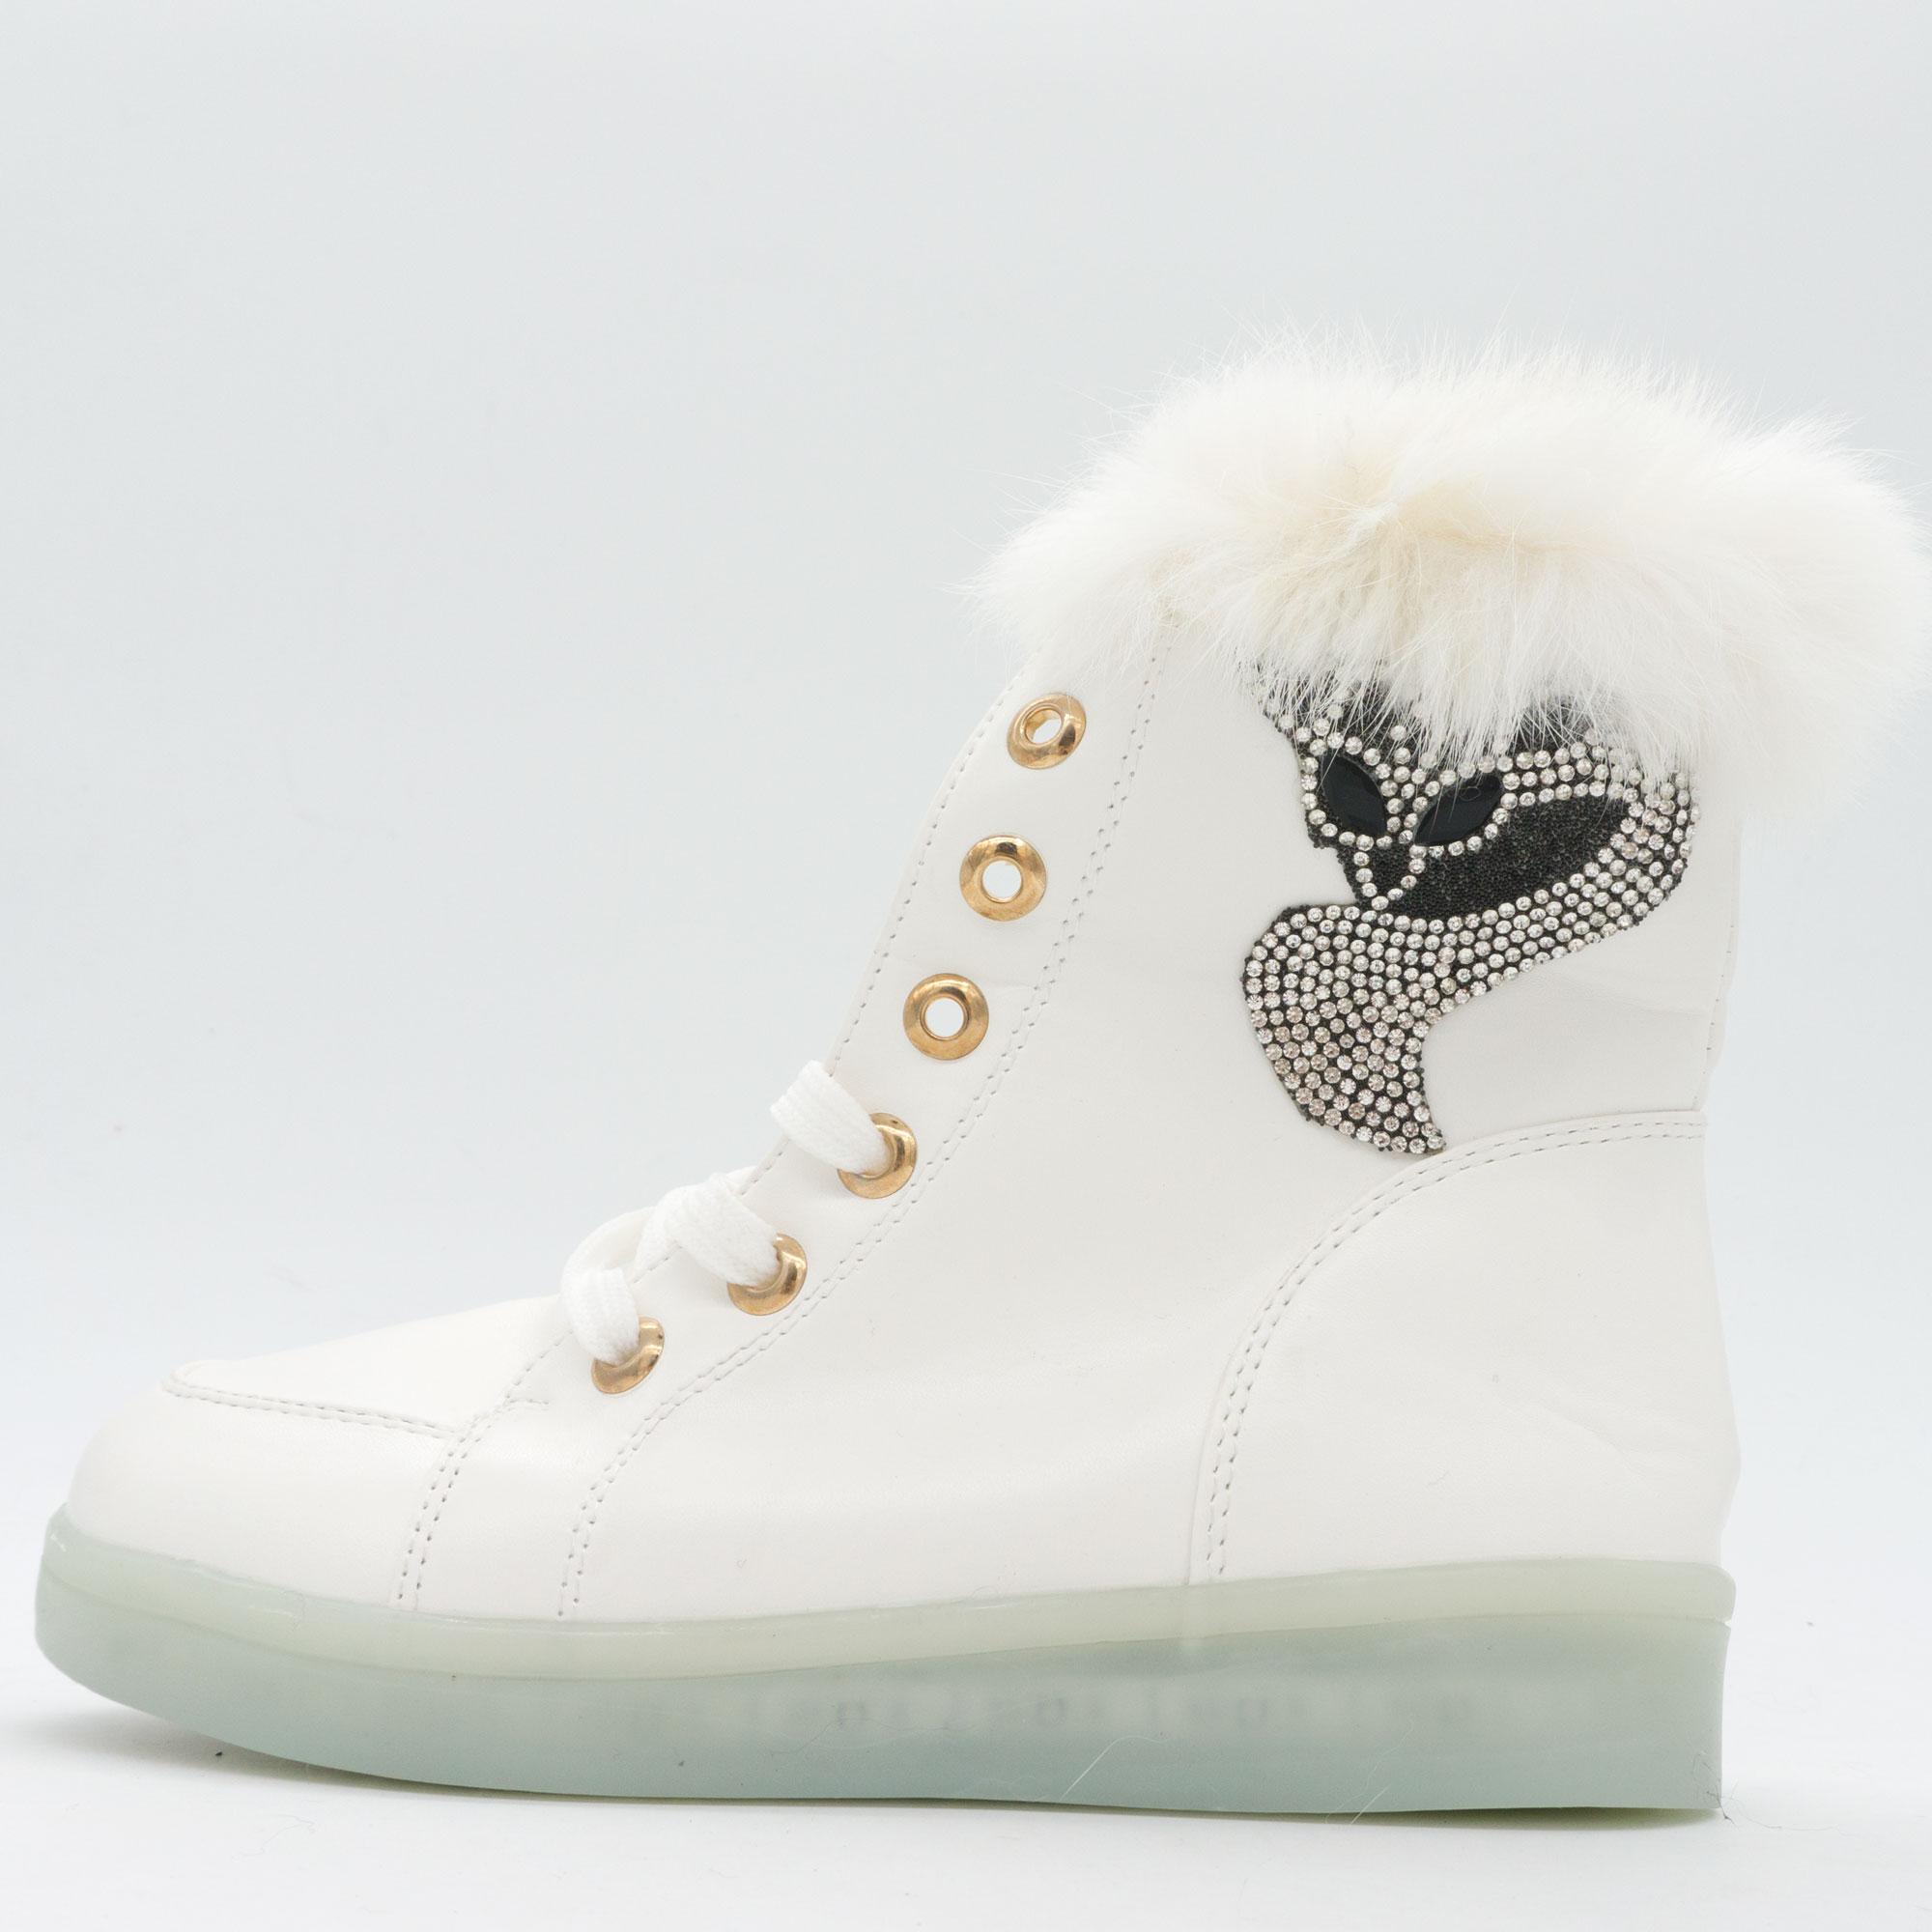 фото front Зимние светящиеся кроссовки Led на меху - белые с пультом front